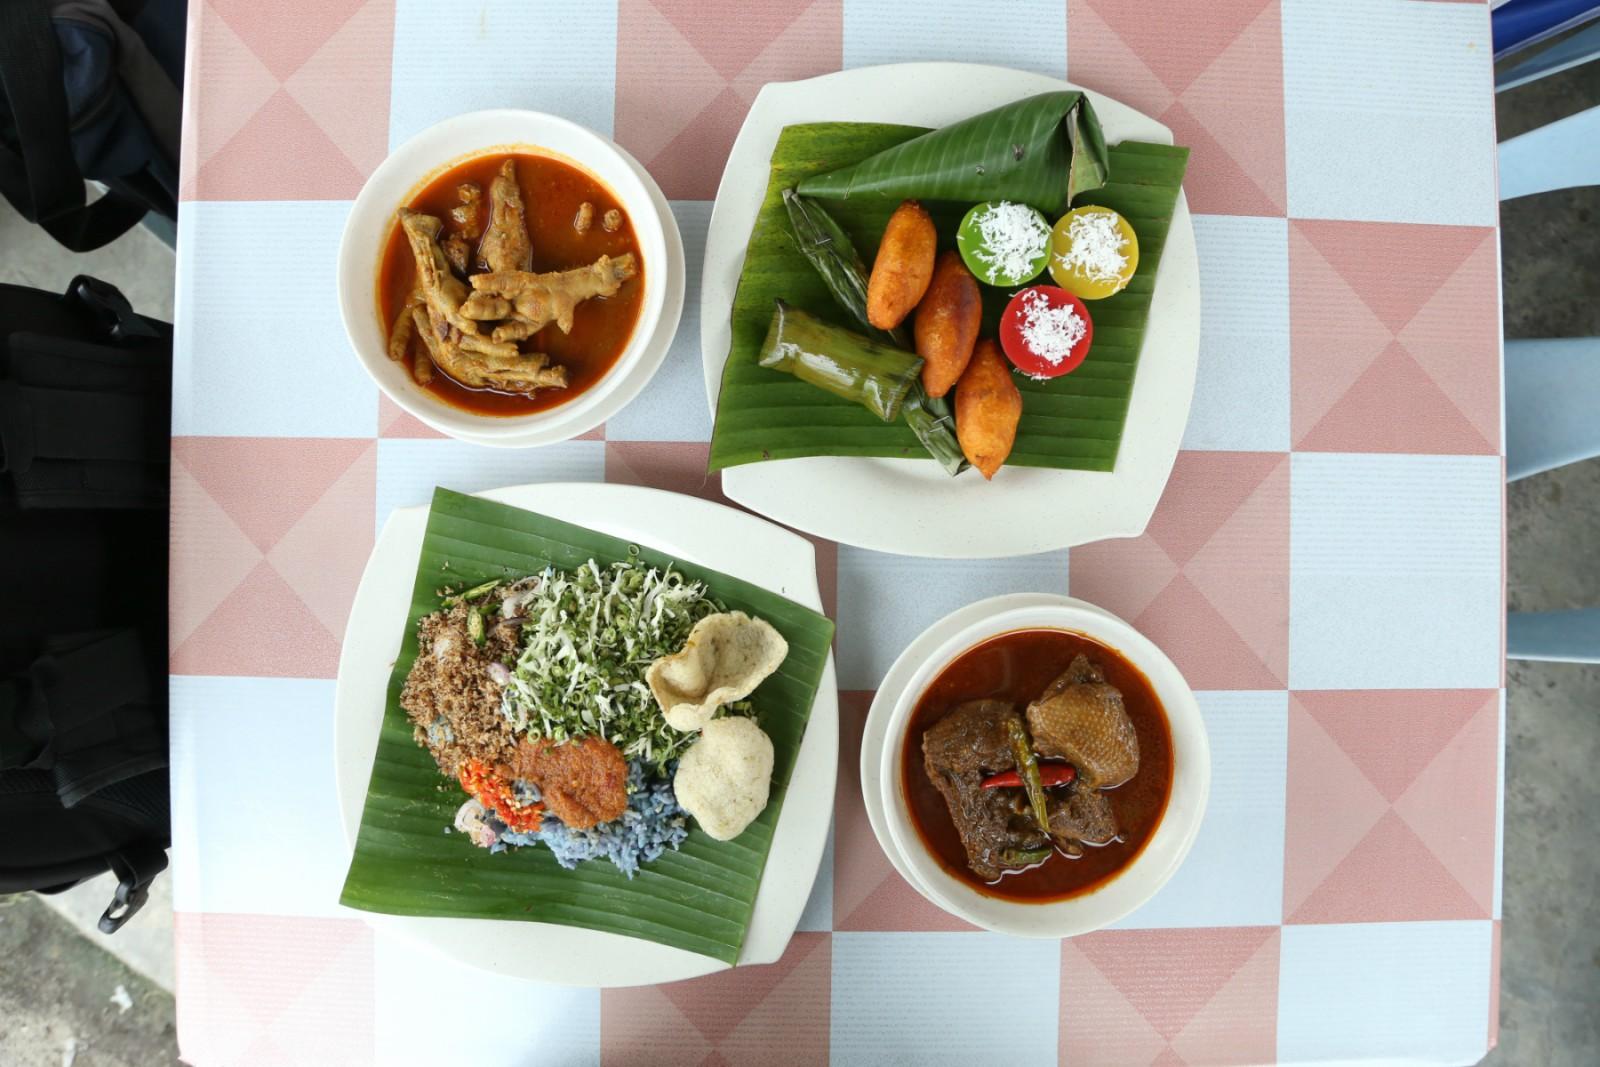 Image from Jalan-Jalan Cari Makan